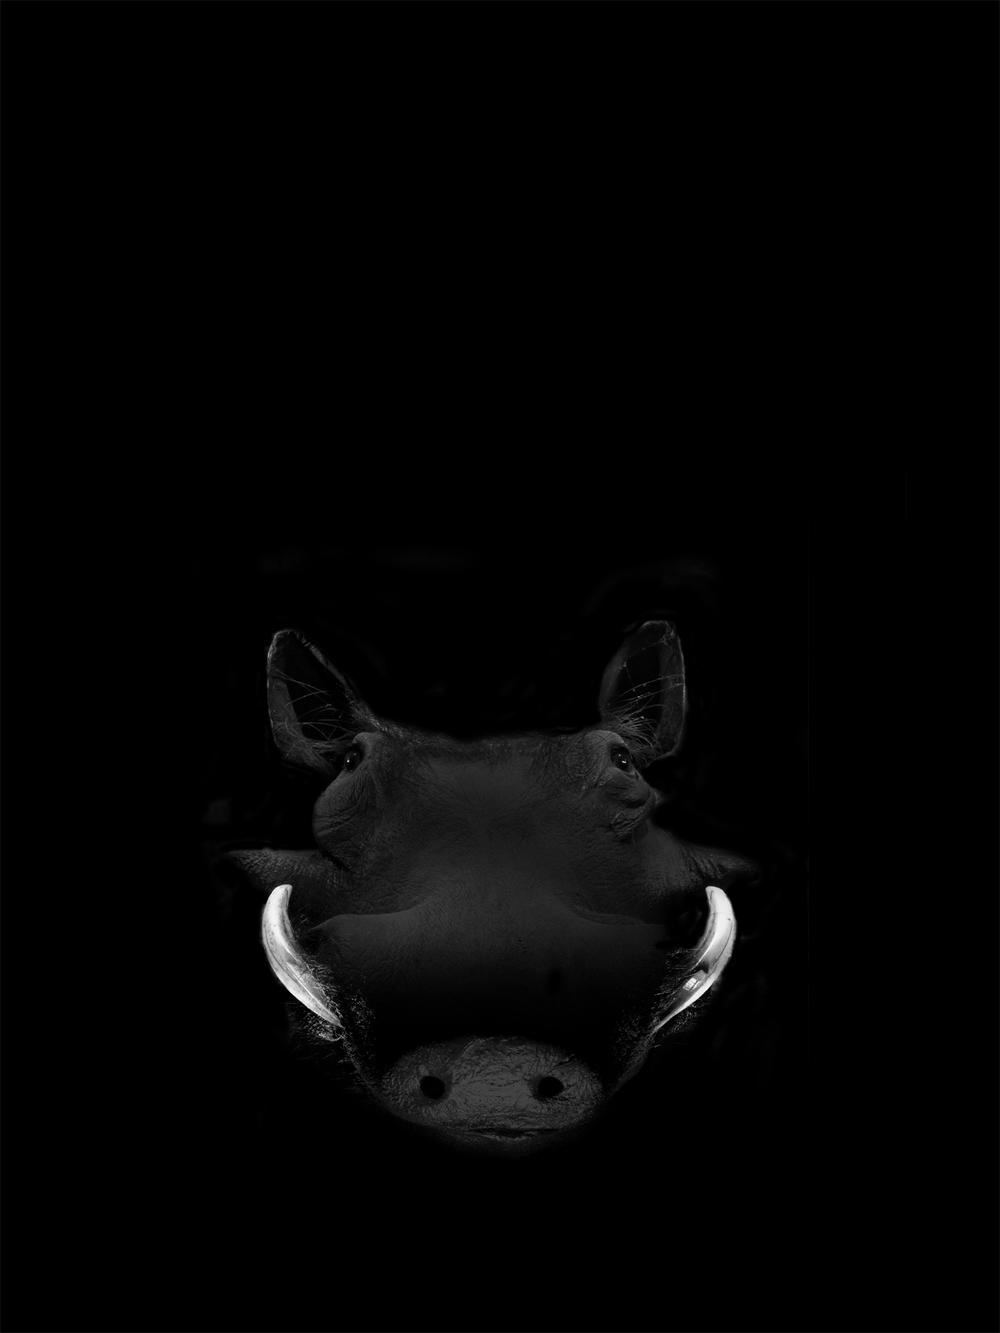 boar copy.jpg